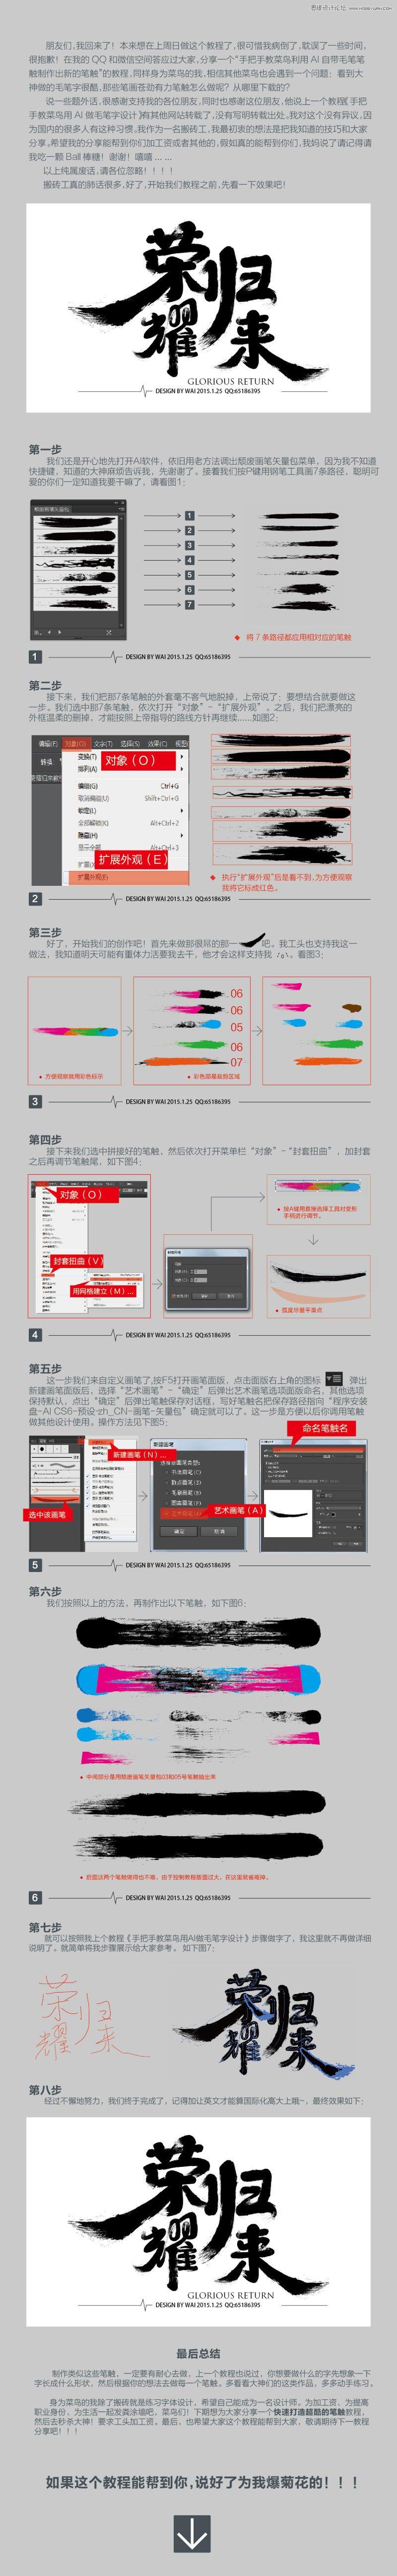 使用Illustrator笔融制作中国风毛笔字设计教程